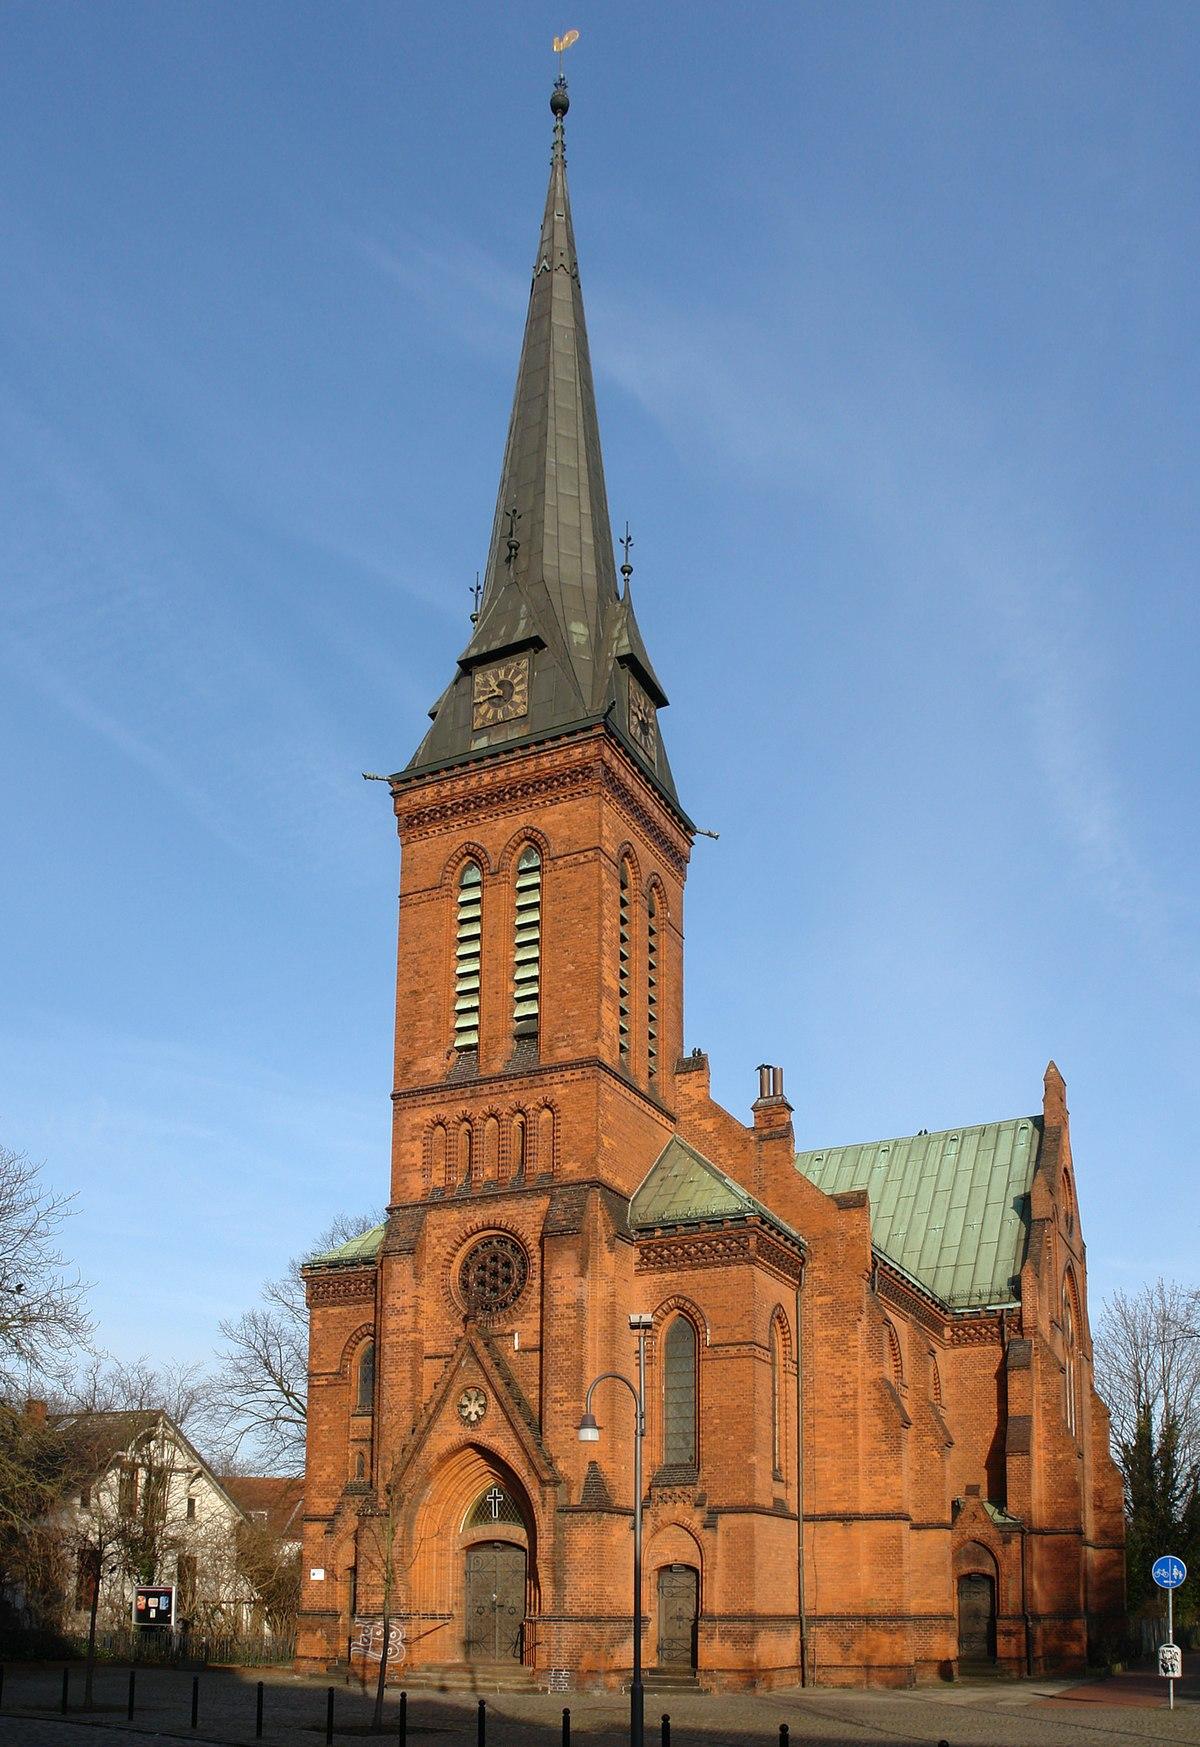 Hemelinger Kirche Wikipedia